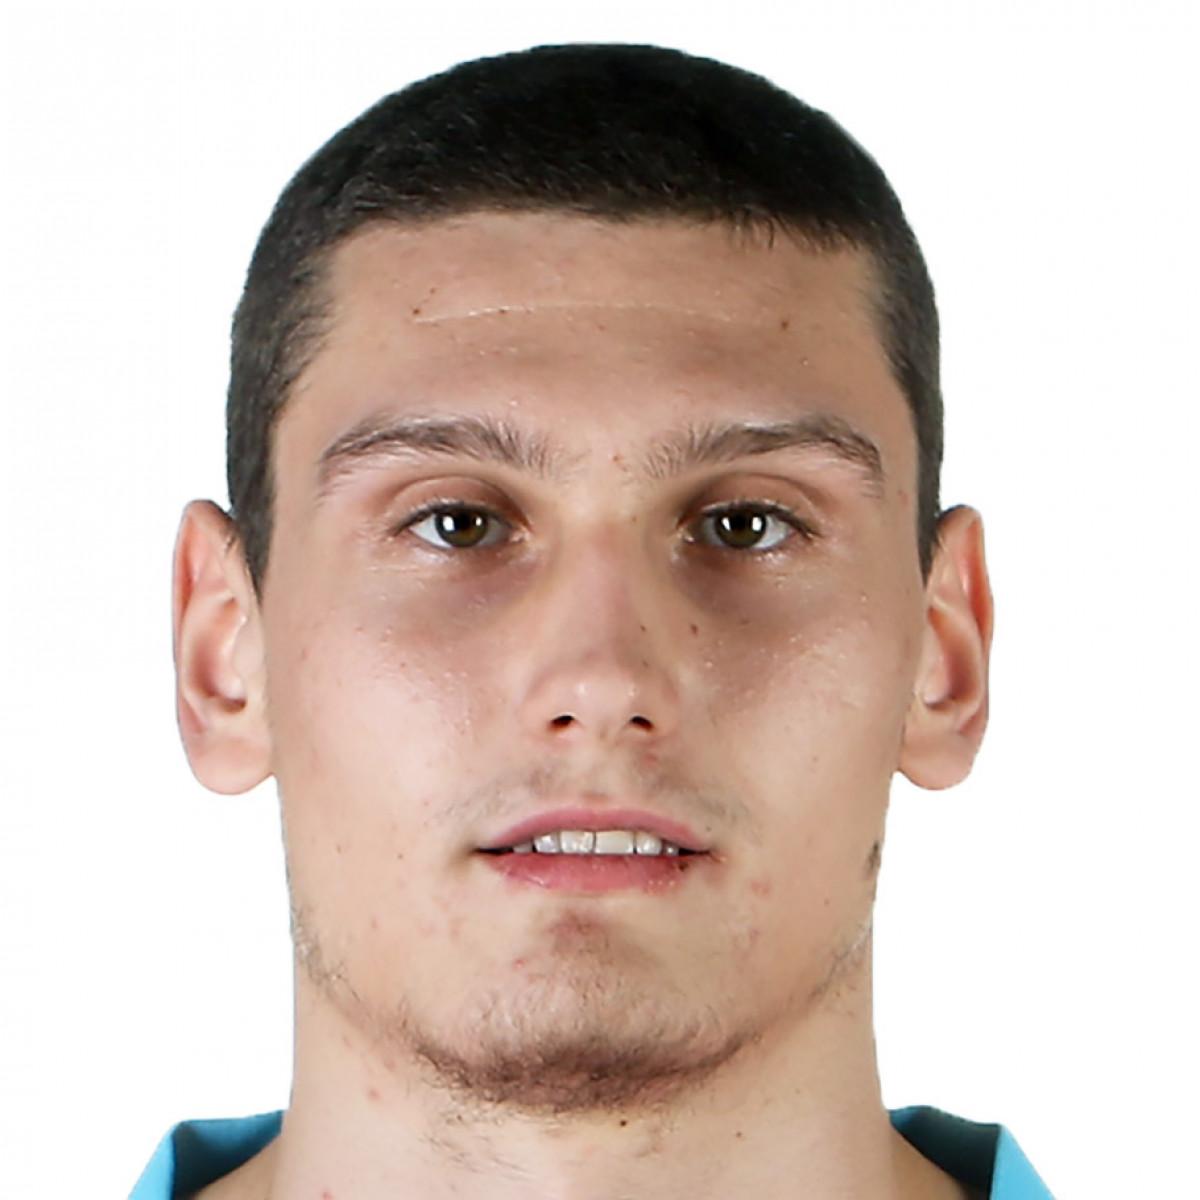 Aleksansar Langovic